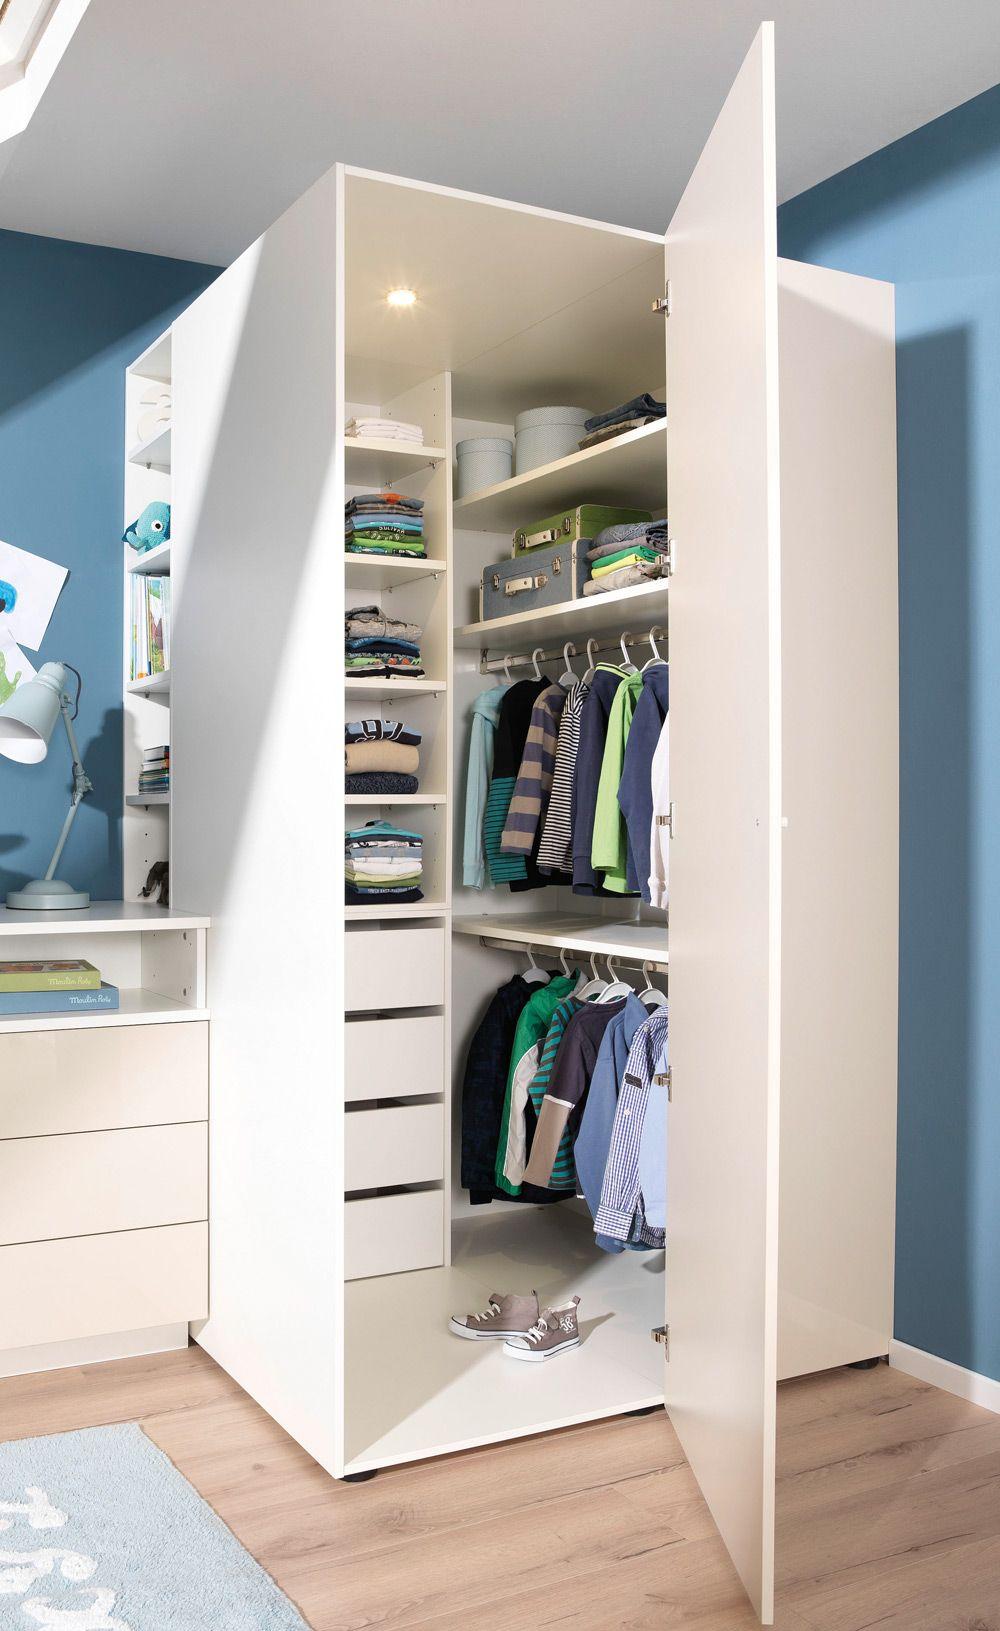 Full Size of Eckschrank Bad Regal Kinderzimmer Sofa Regale Küche Schlafzimmer Weiß Wohnzimmer Kinderzimmer Eckschrank